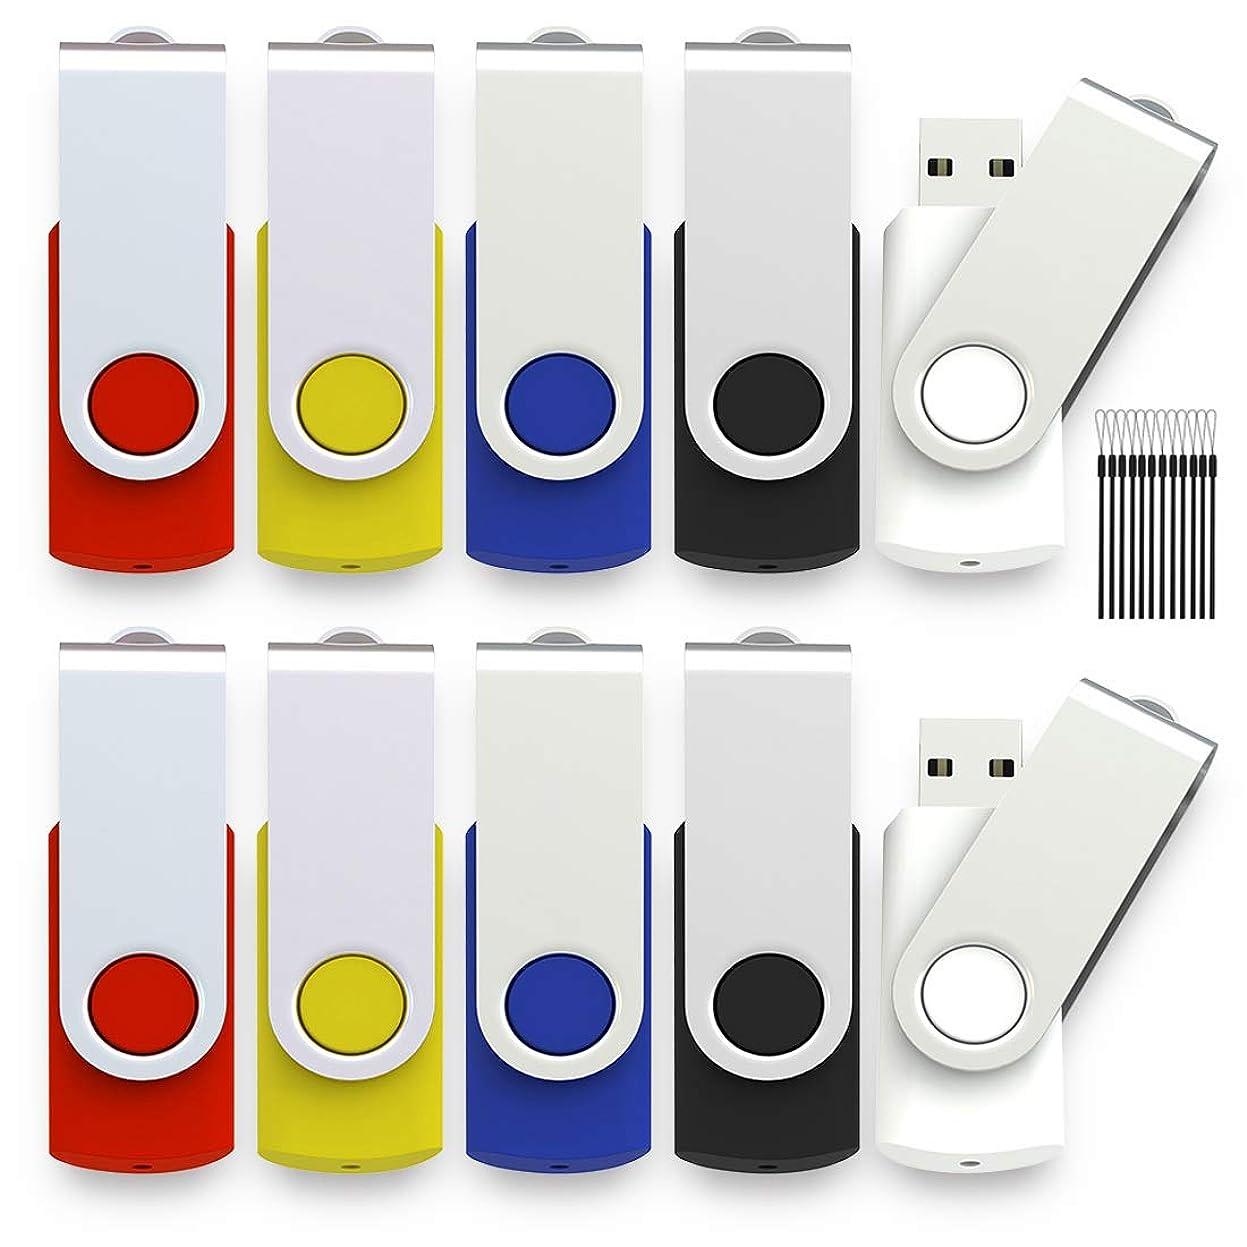 民間人すすり泣き調子メイナミ 10個セット USBメモリ 4gb メモリースティック キャップレス 回転式 フラッシュメモリ 業務用 ストラップ付き まとめ買い 5色(10個入り)